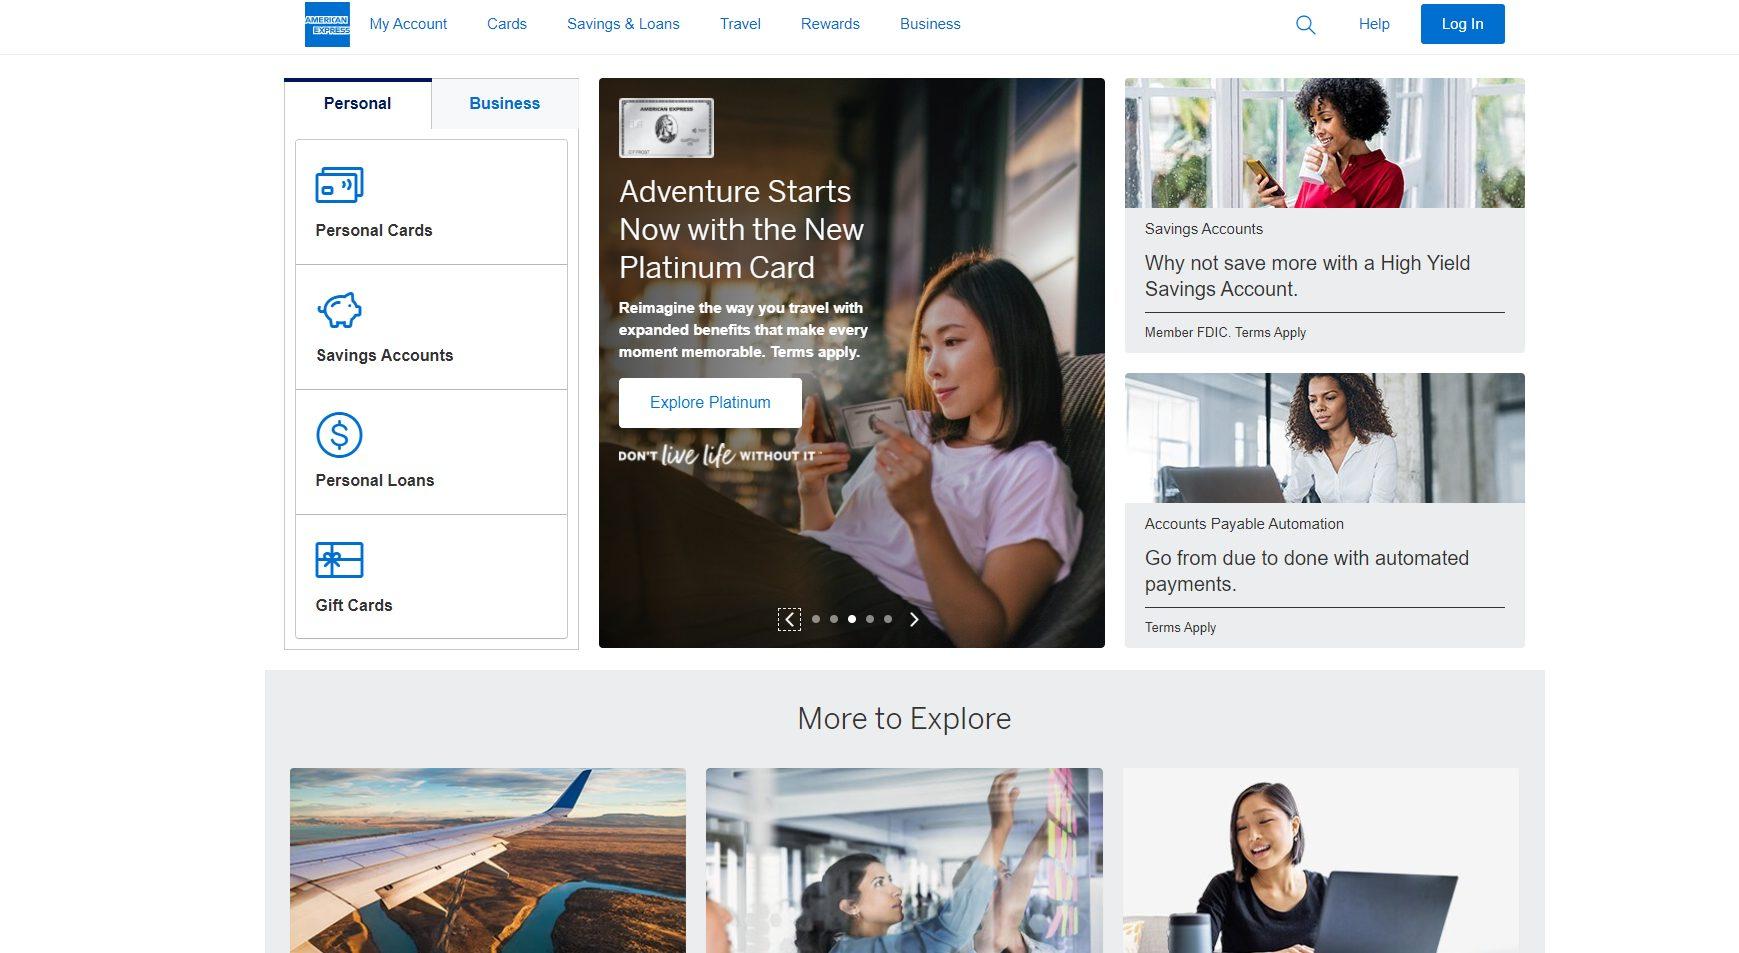 Offizielle Webseite von American Express